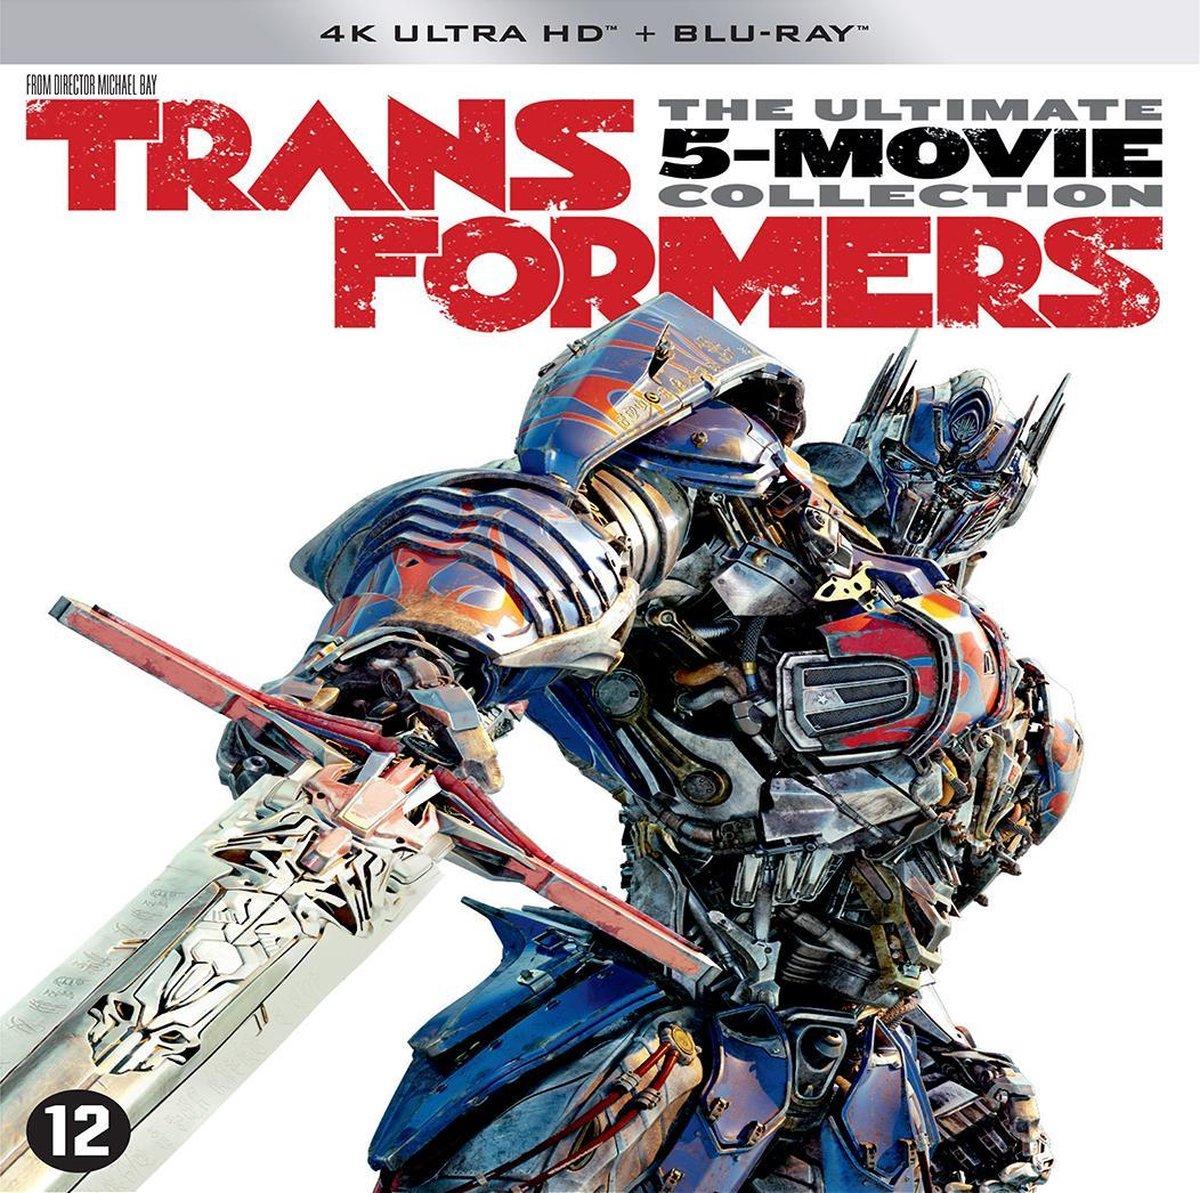 Transformers 1 t/m 5 Boxset (4K Ultra Hd Blu-ray)-